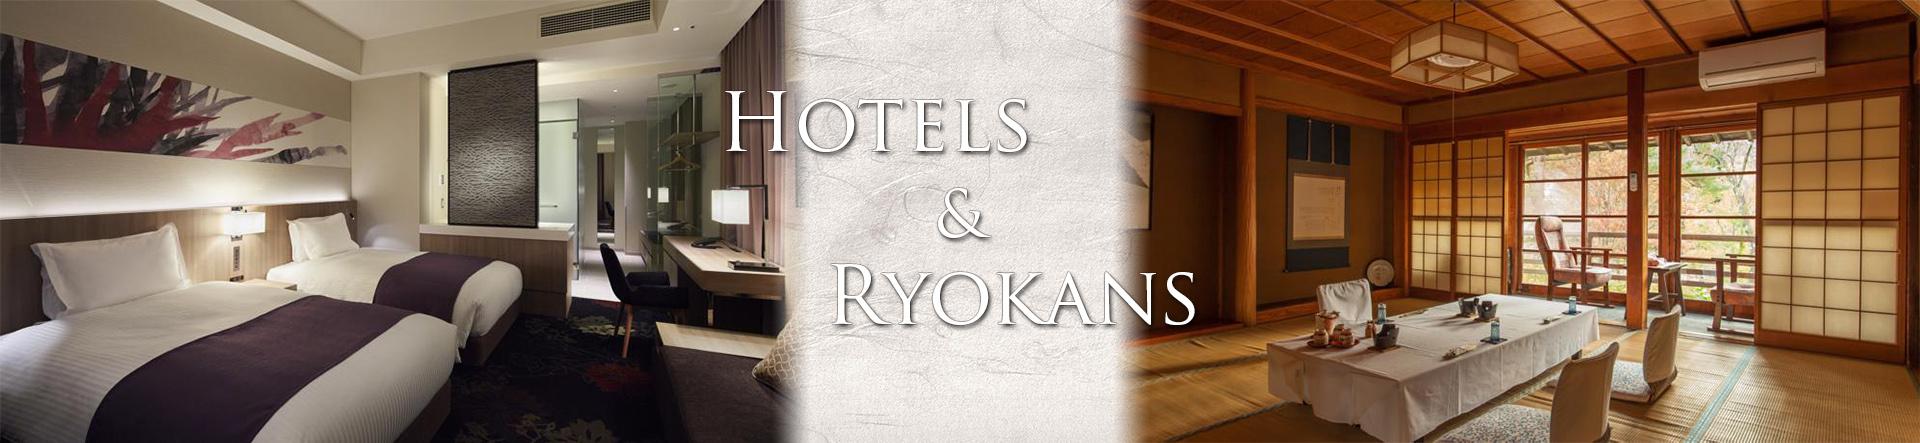 hotels and ryokans